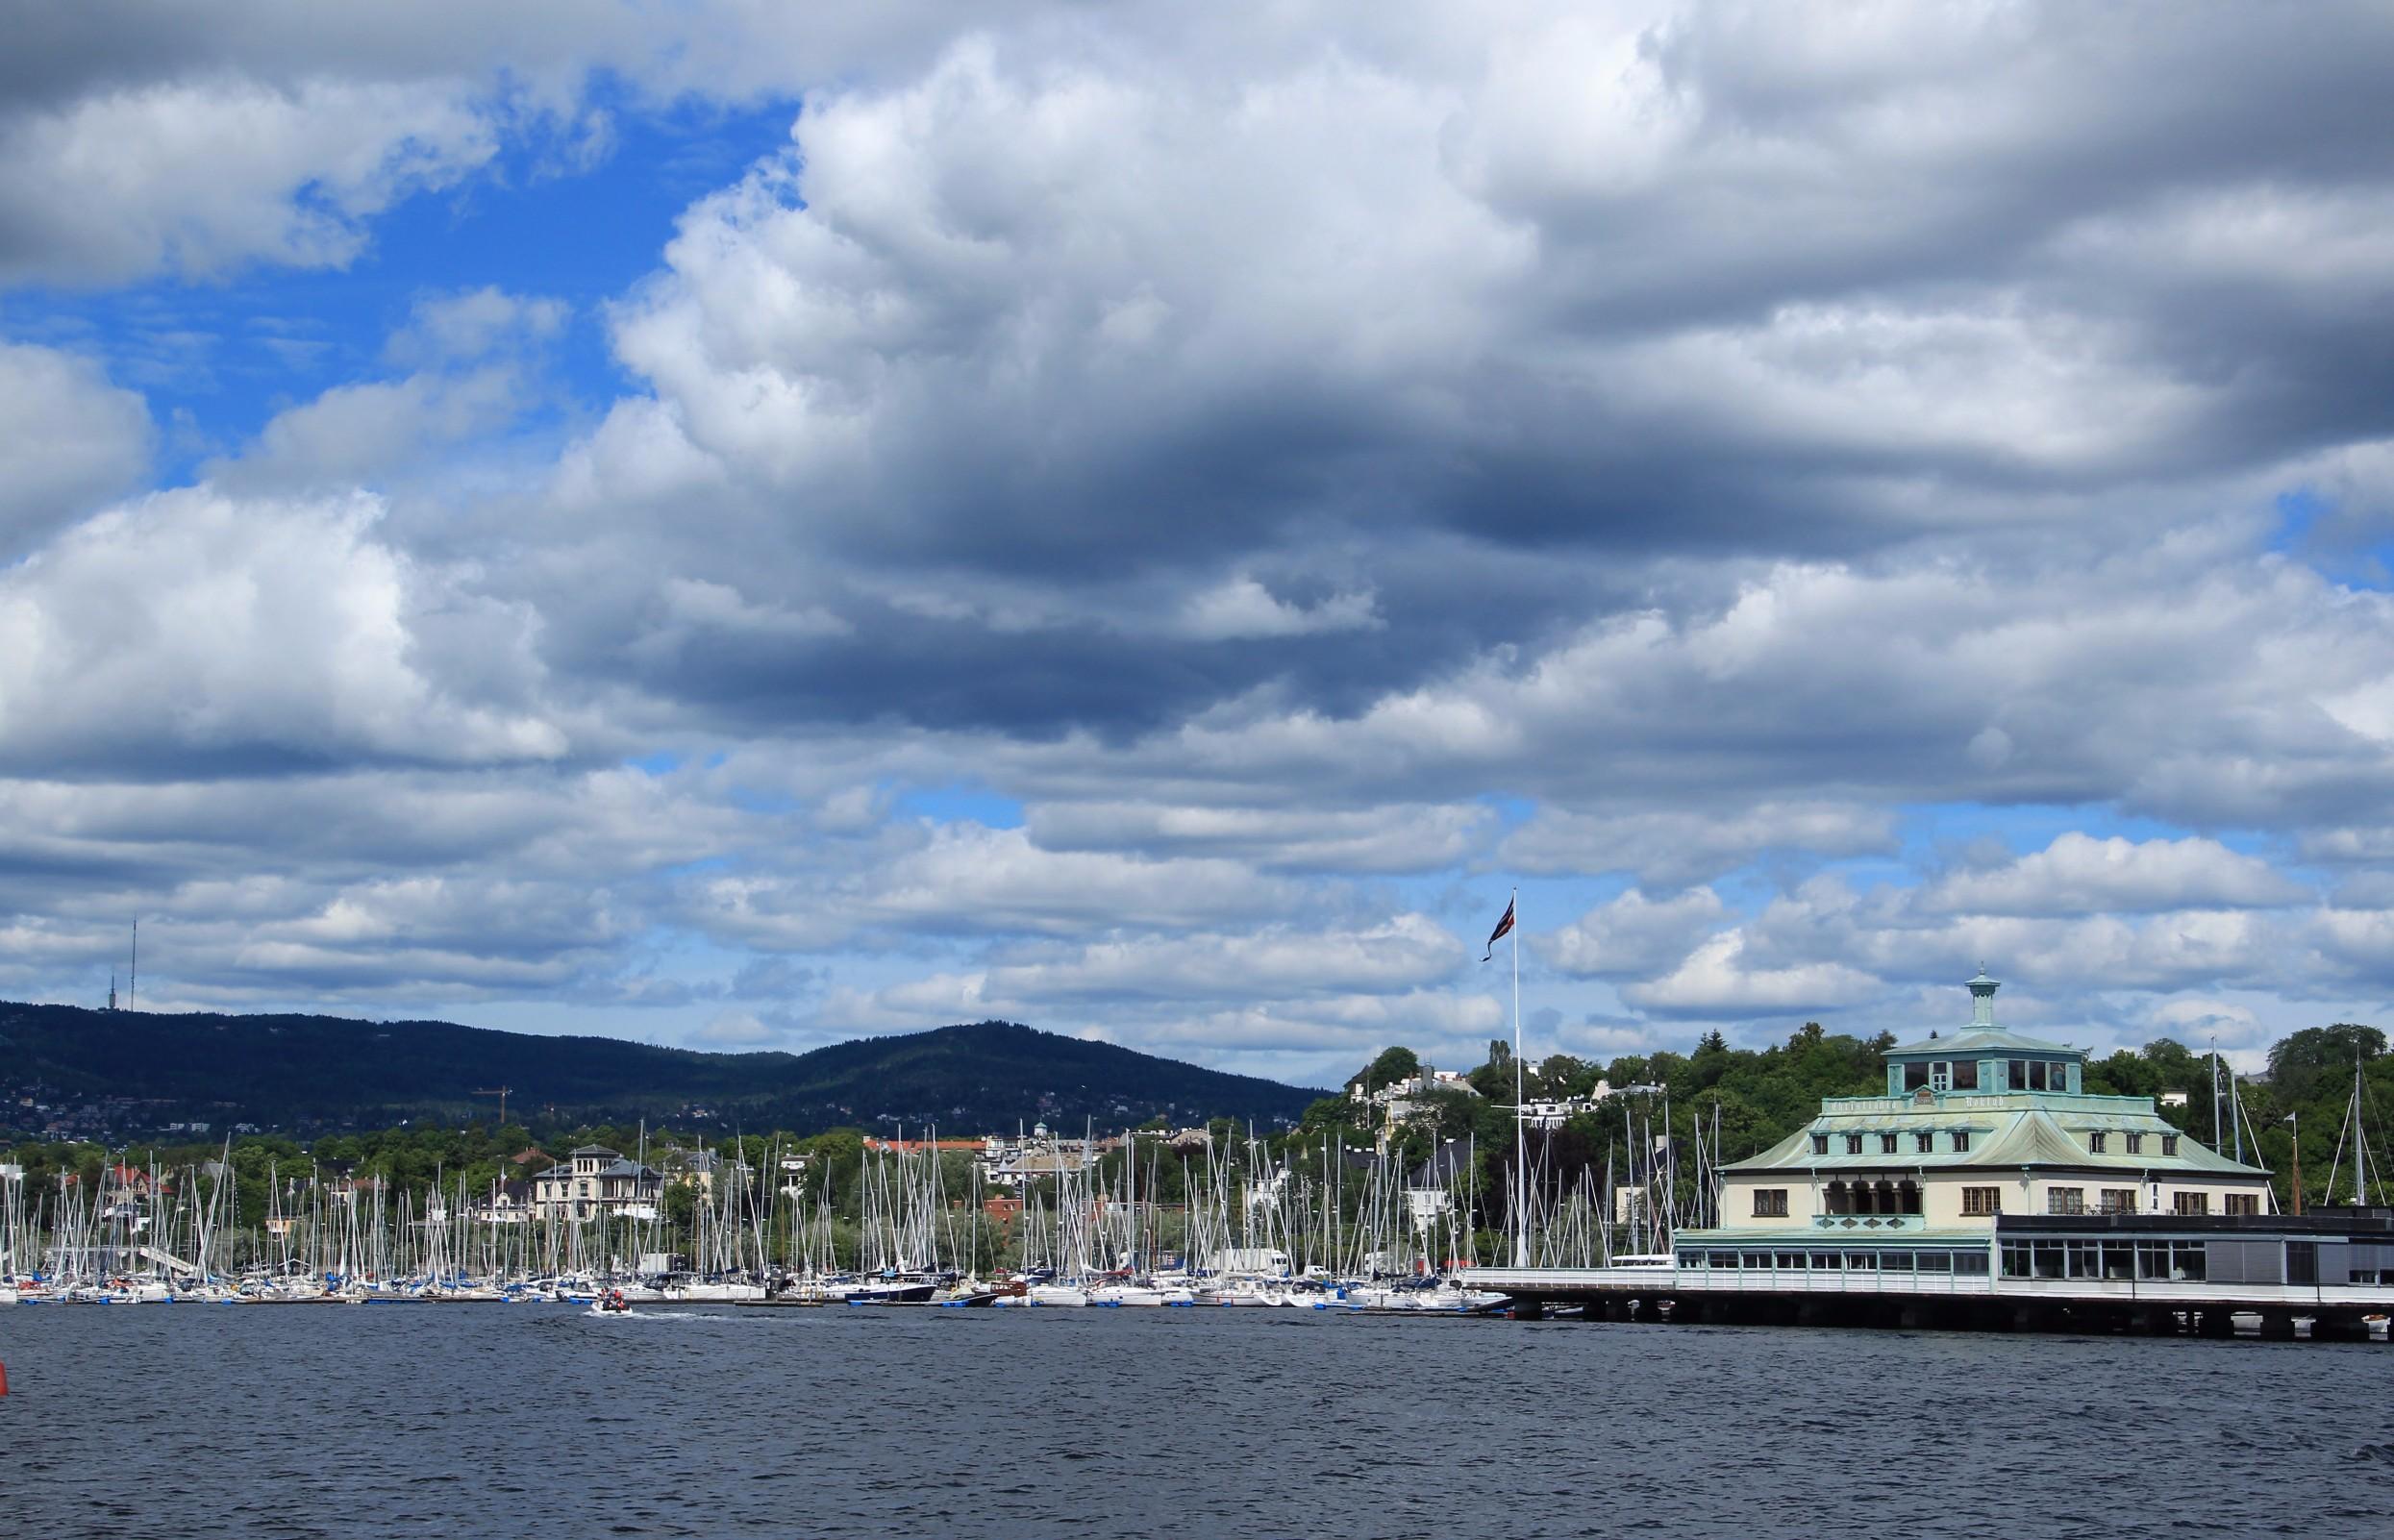 Hundreds of sailboats